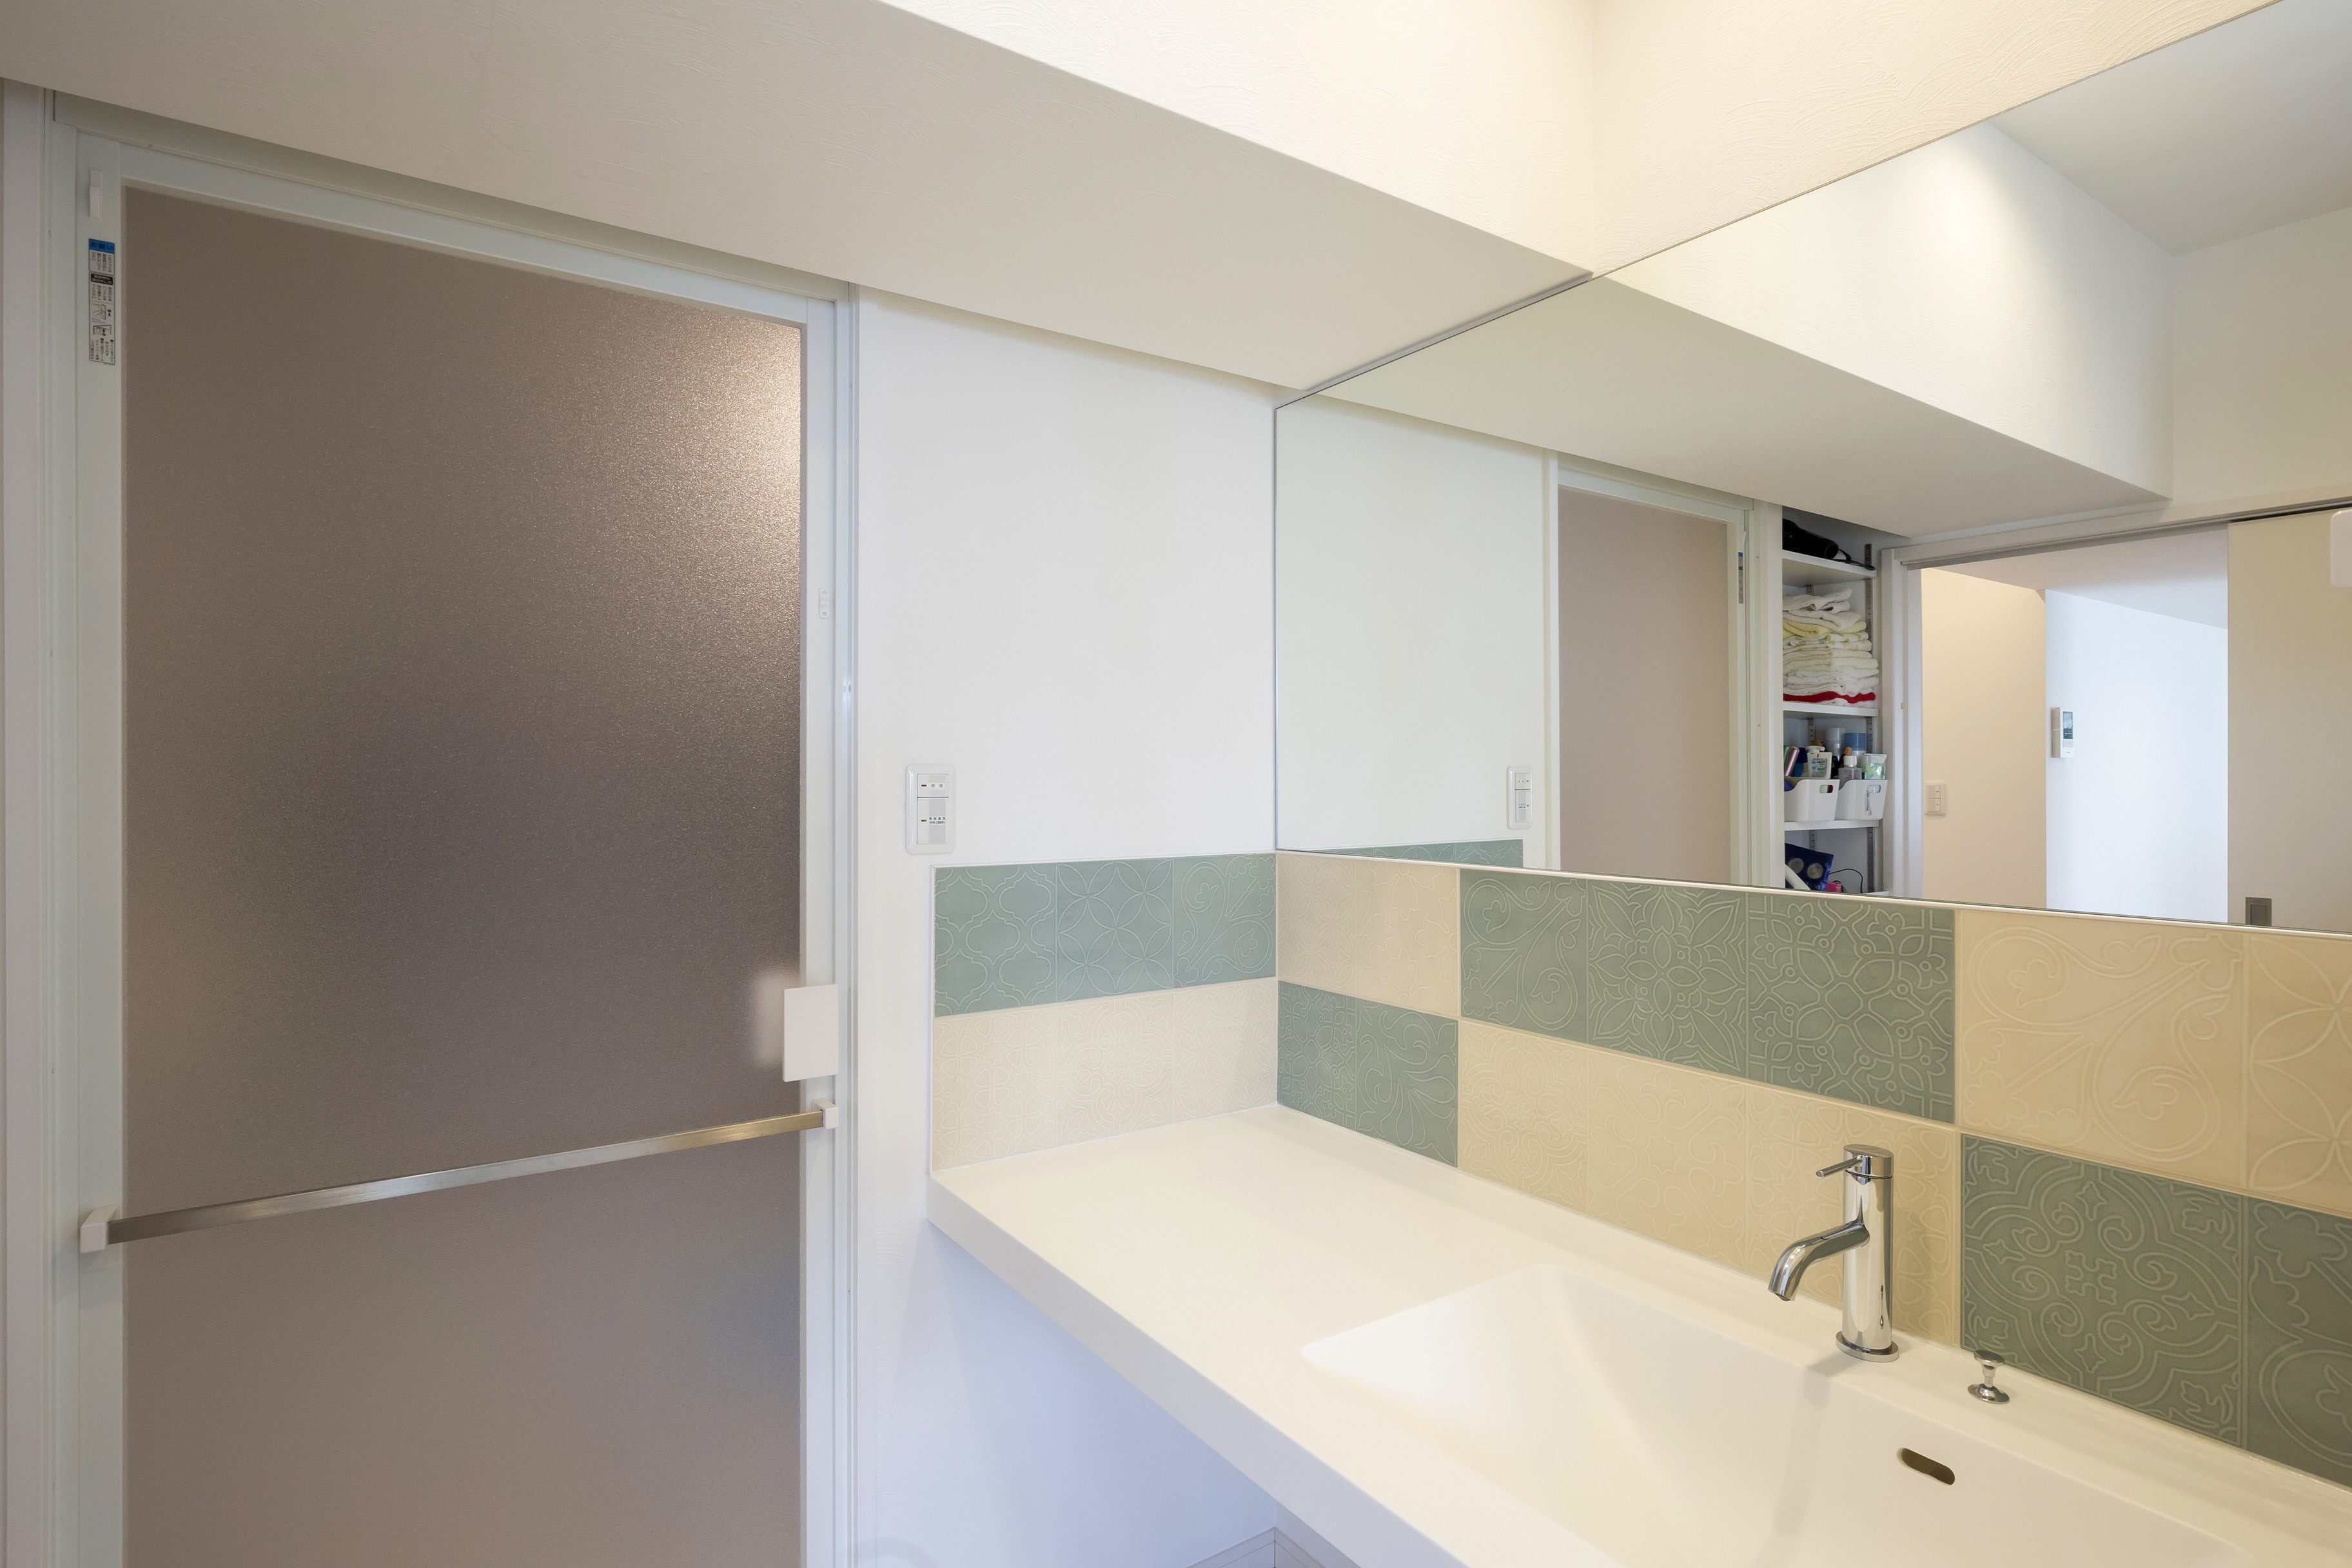 バス/トイレ事例:洗面室(ご祖父母から受け継いだ築39年のスケルトンリノベーション)